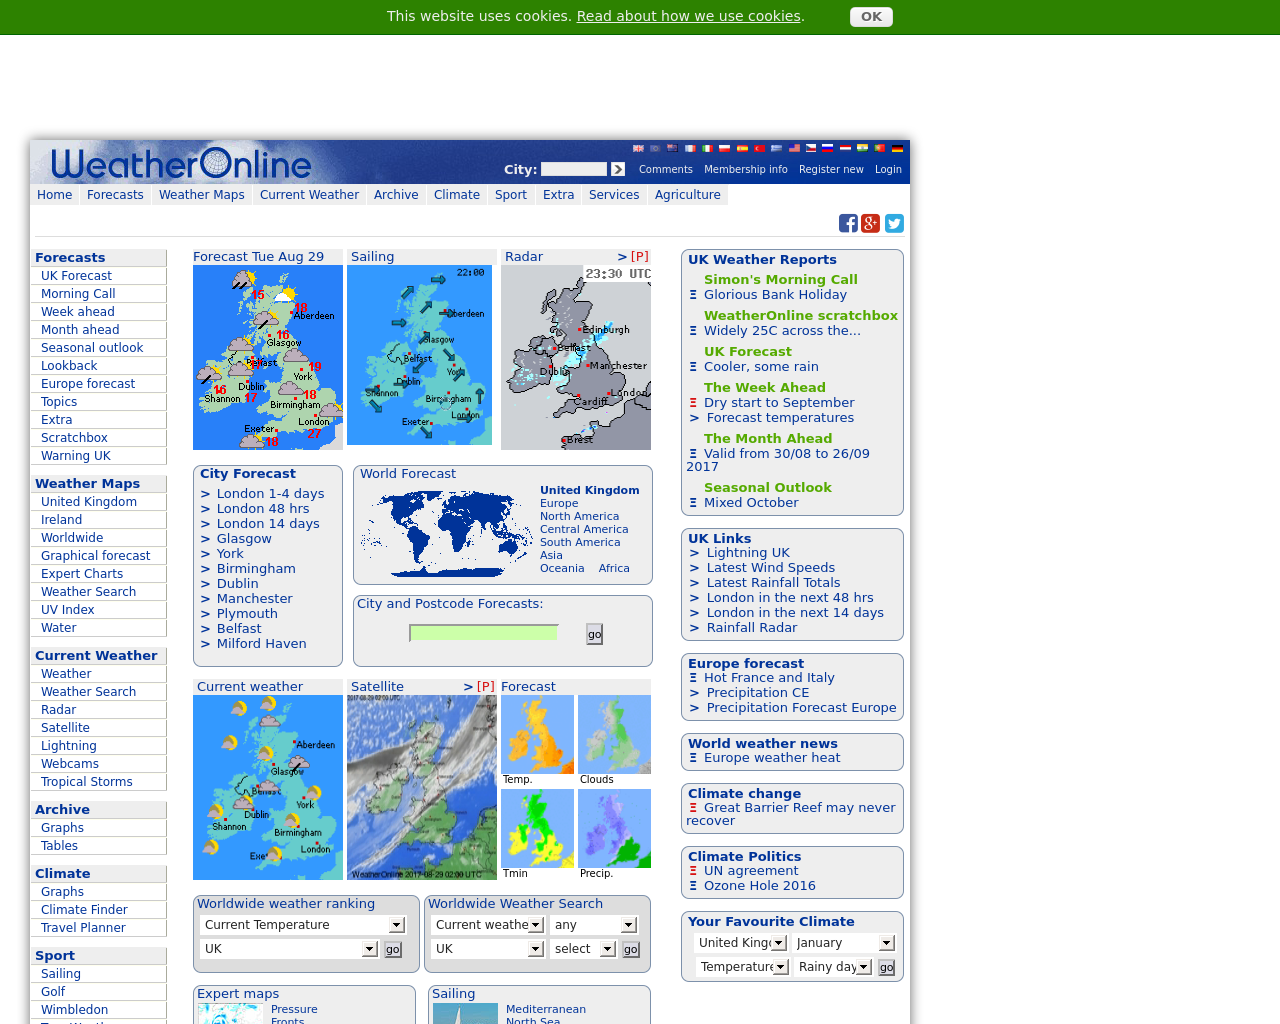 WeatherOnline-Ltd.---Meteorological-Services-Advertising-Reviews-Pricing